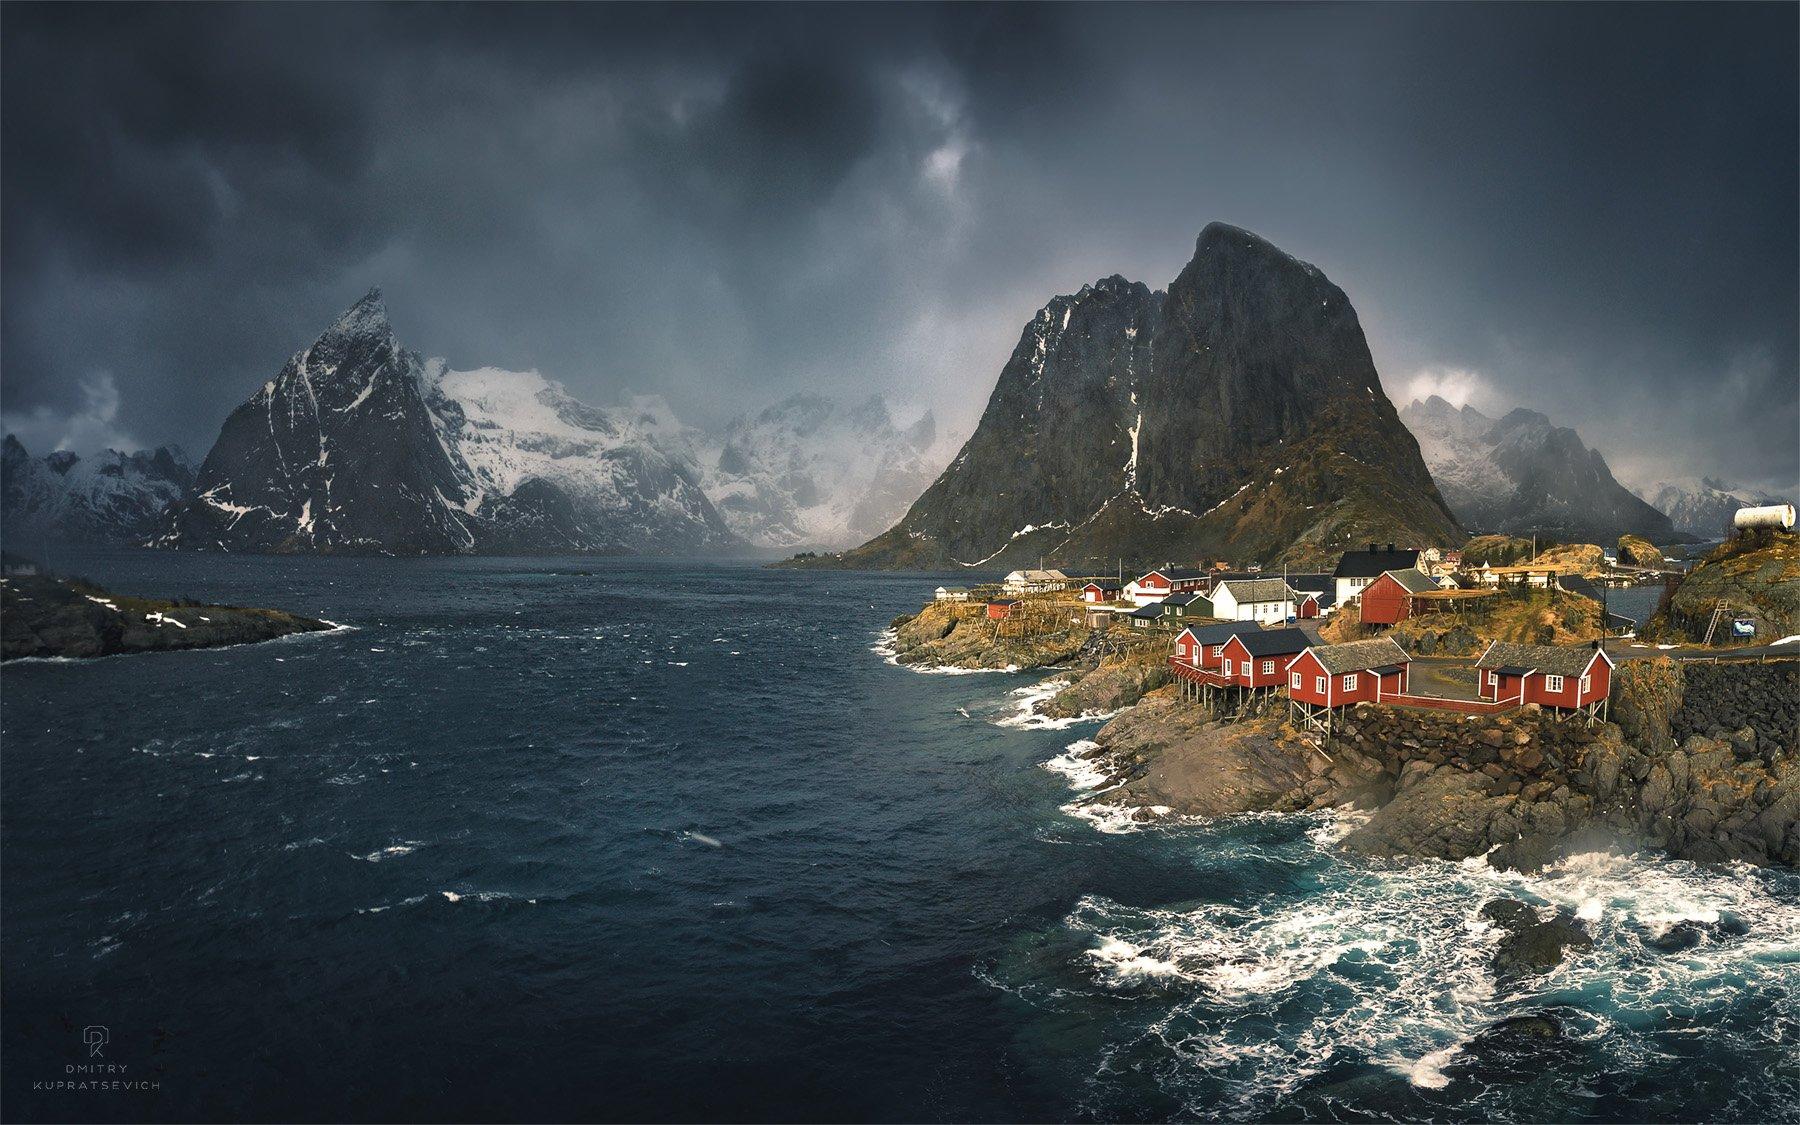 норвегия, лофотены, море, горы, облака, пейзаж, Купрацевич Дмитрий